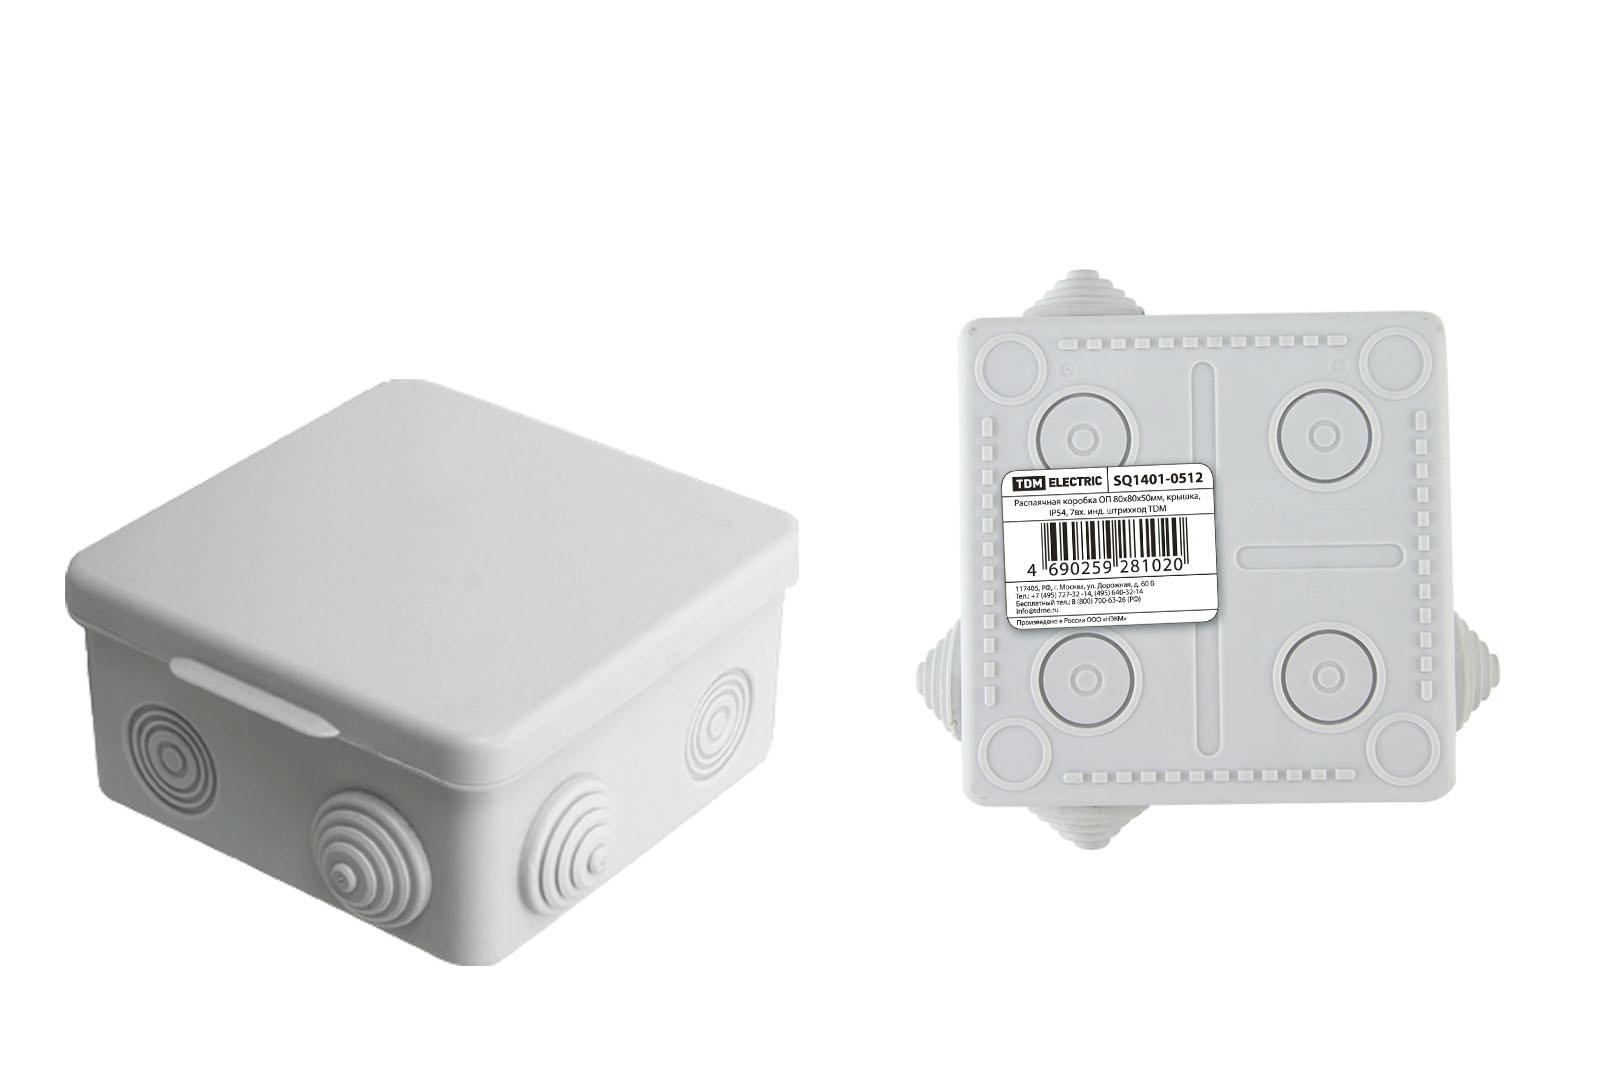 Фото Распаячная коробка ОП 80х80х50мм, крышка, IP54, 7вх. инд. штрихкод TDM {SQ1401-0512}